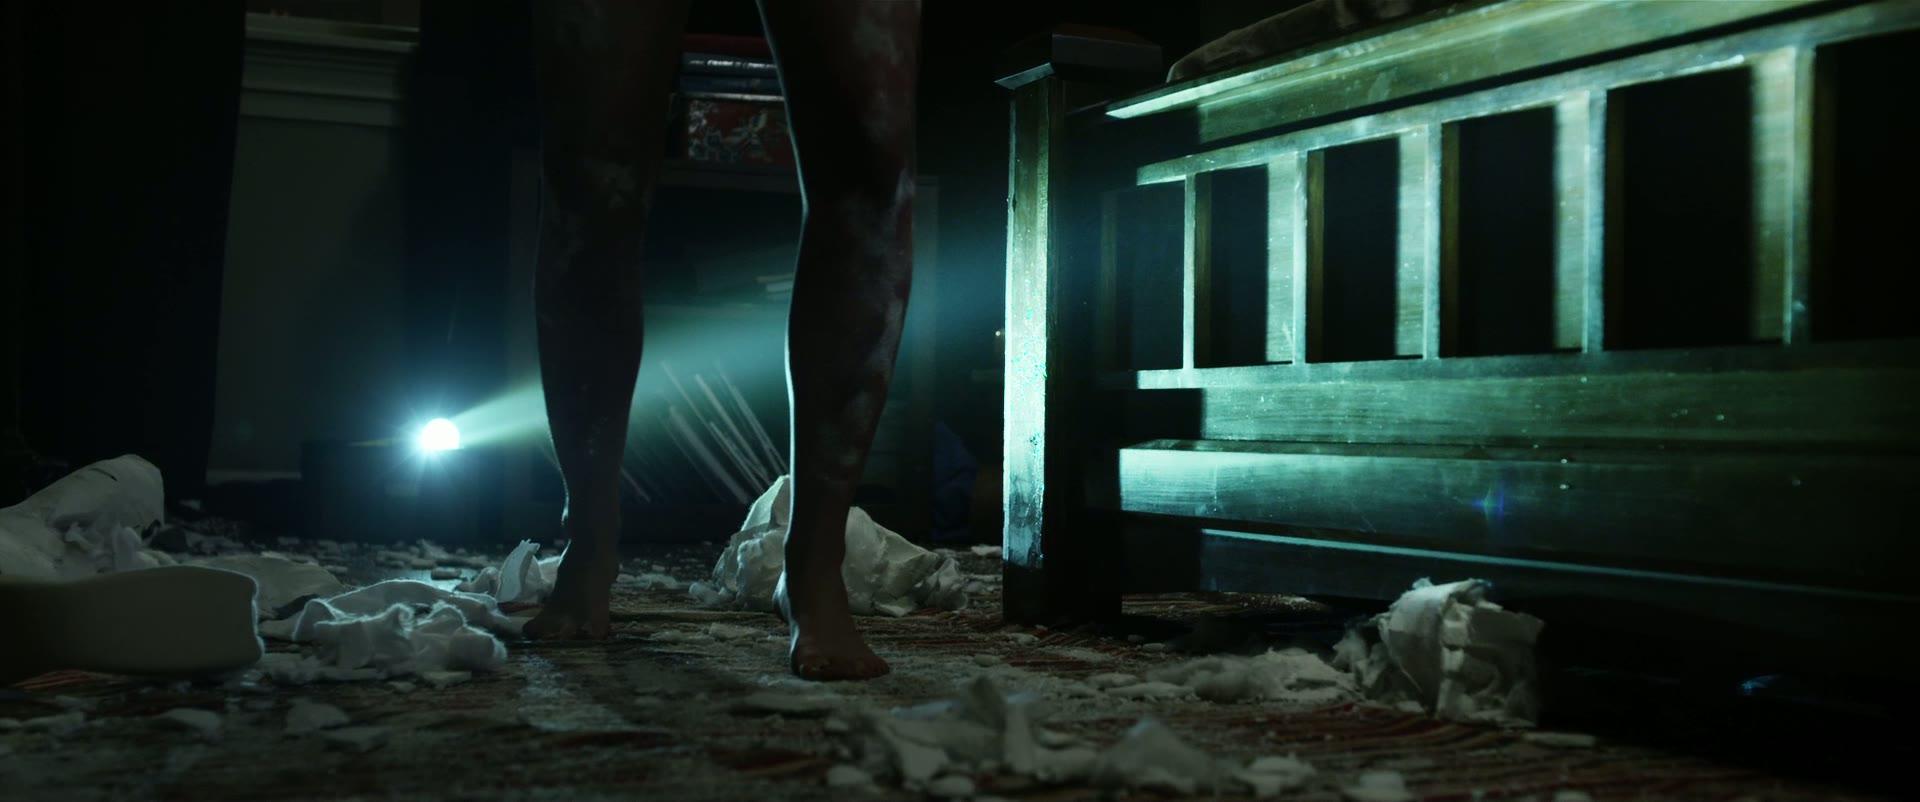 Смотреть Онлайн Фильм Астрал 2 Через Андроид